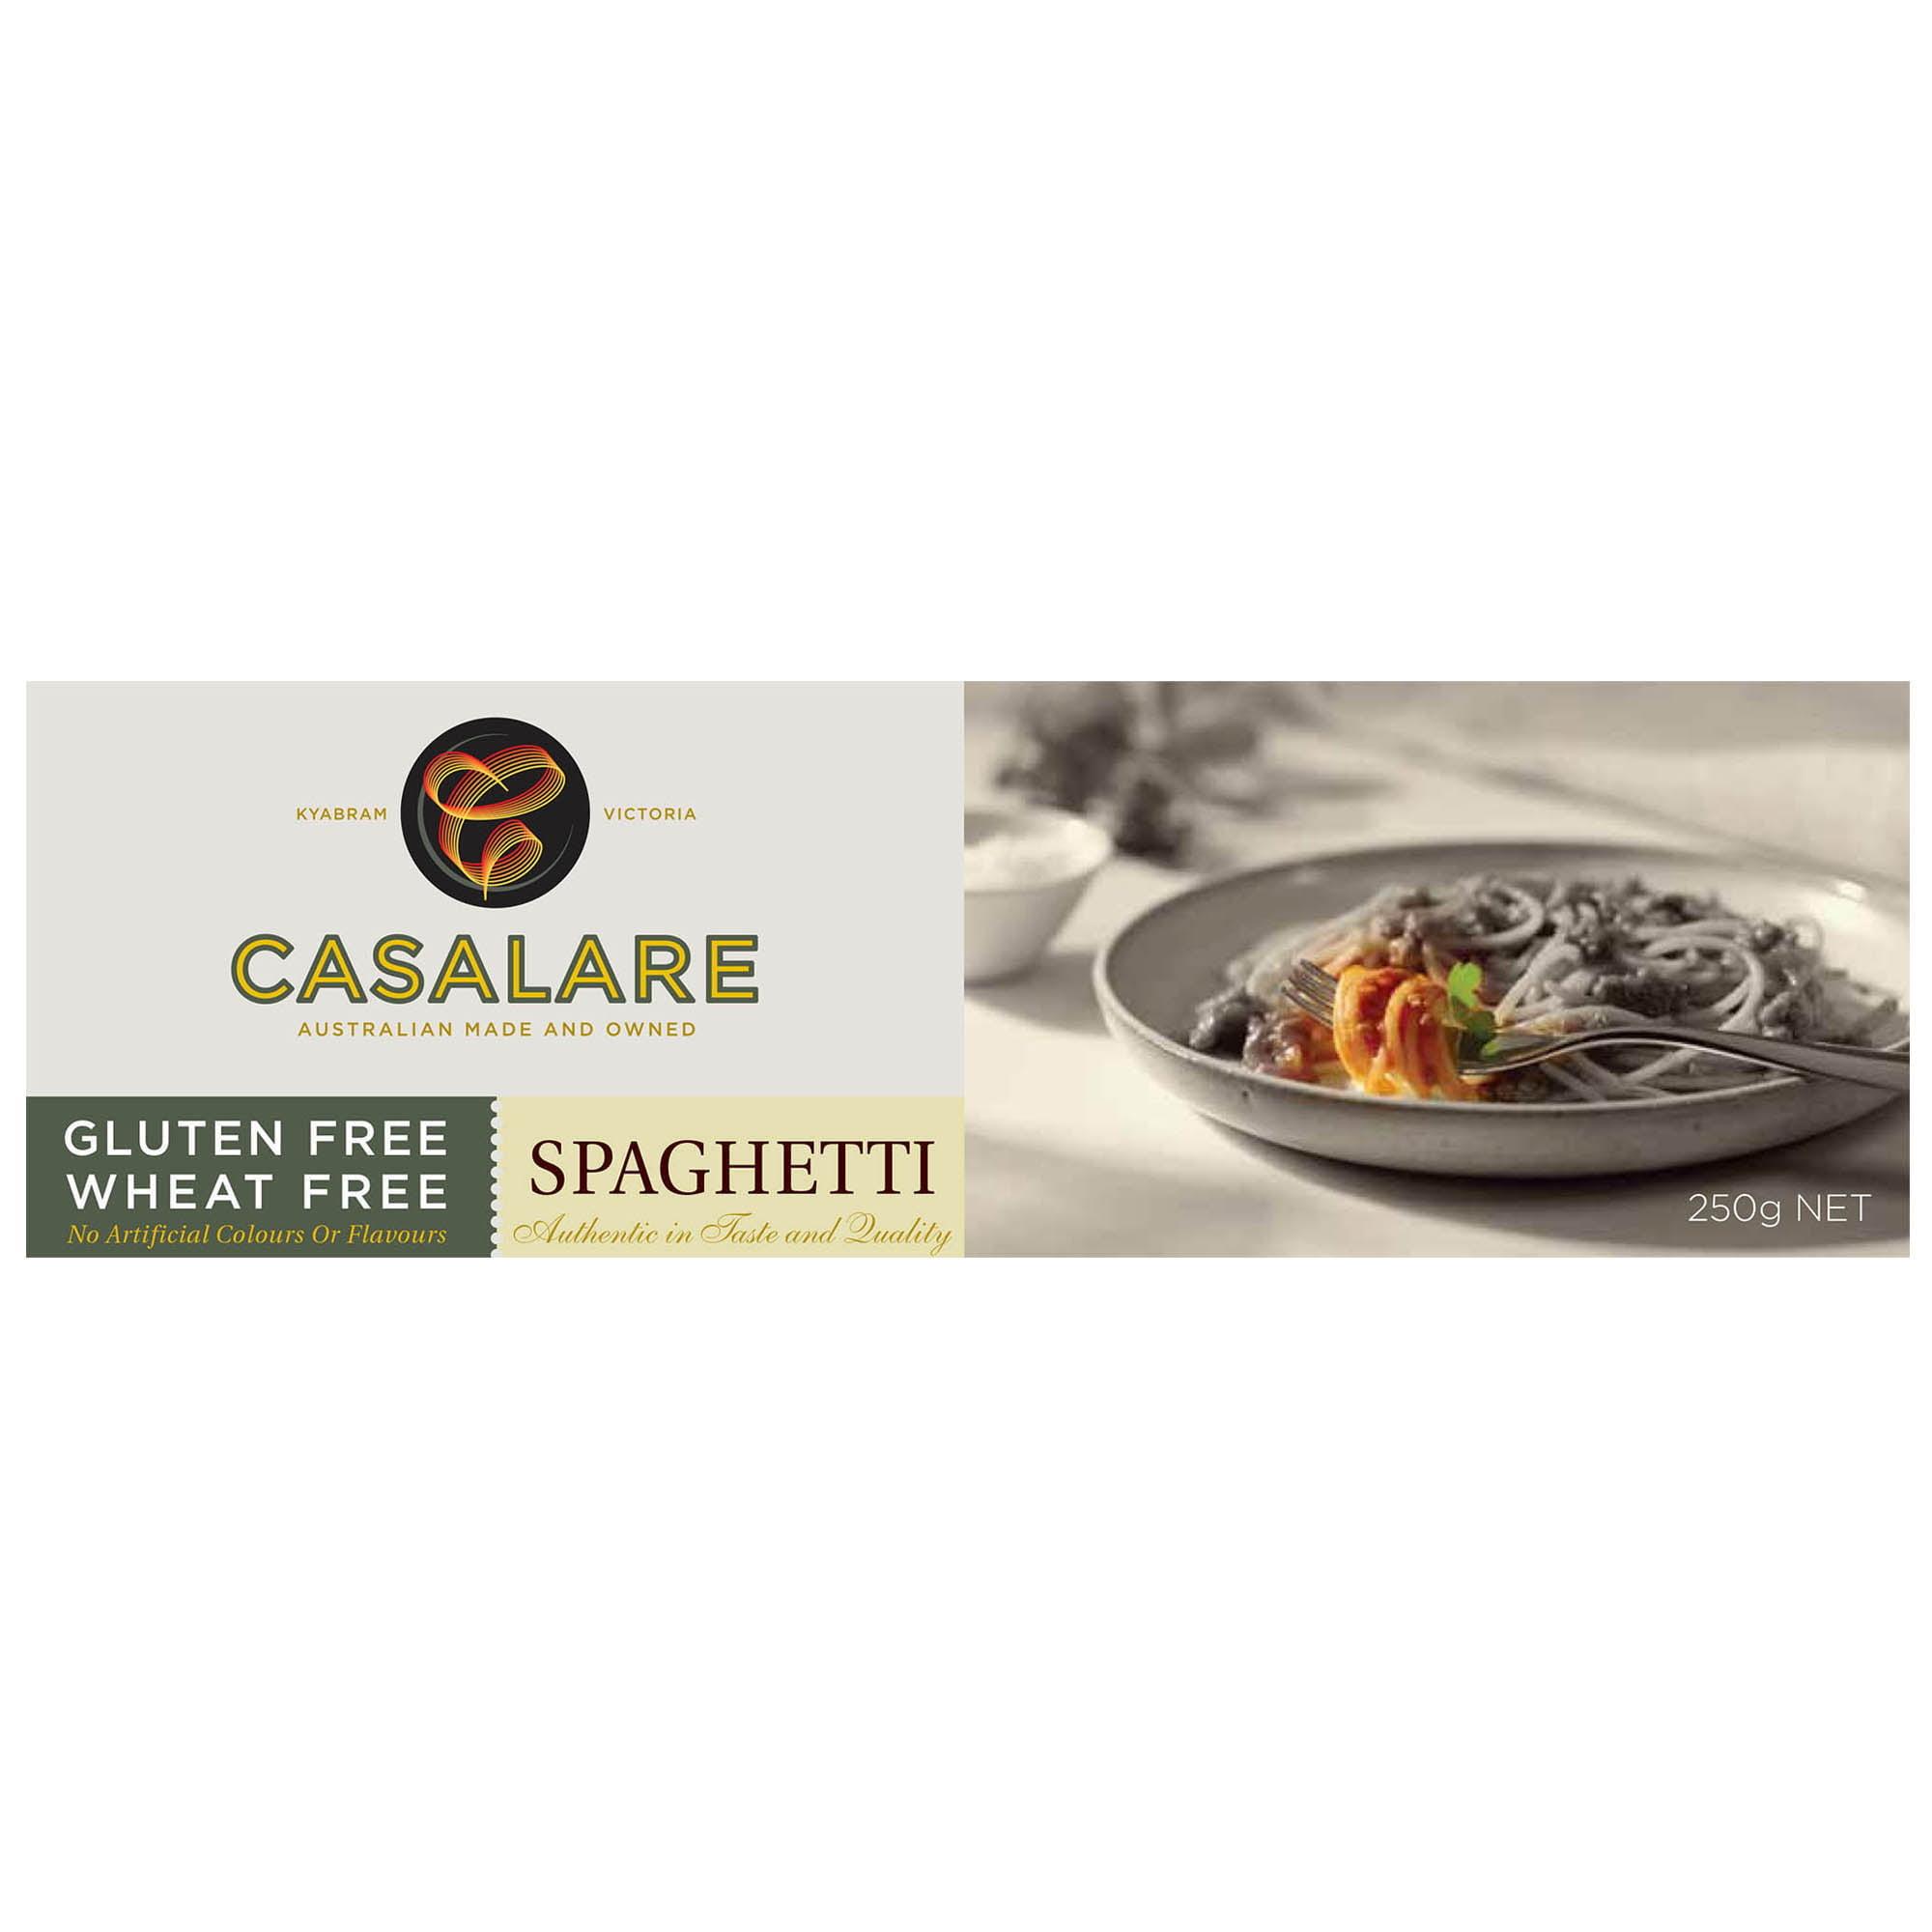 casalare spaghetti box FA copy